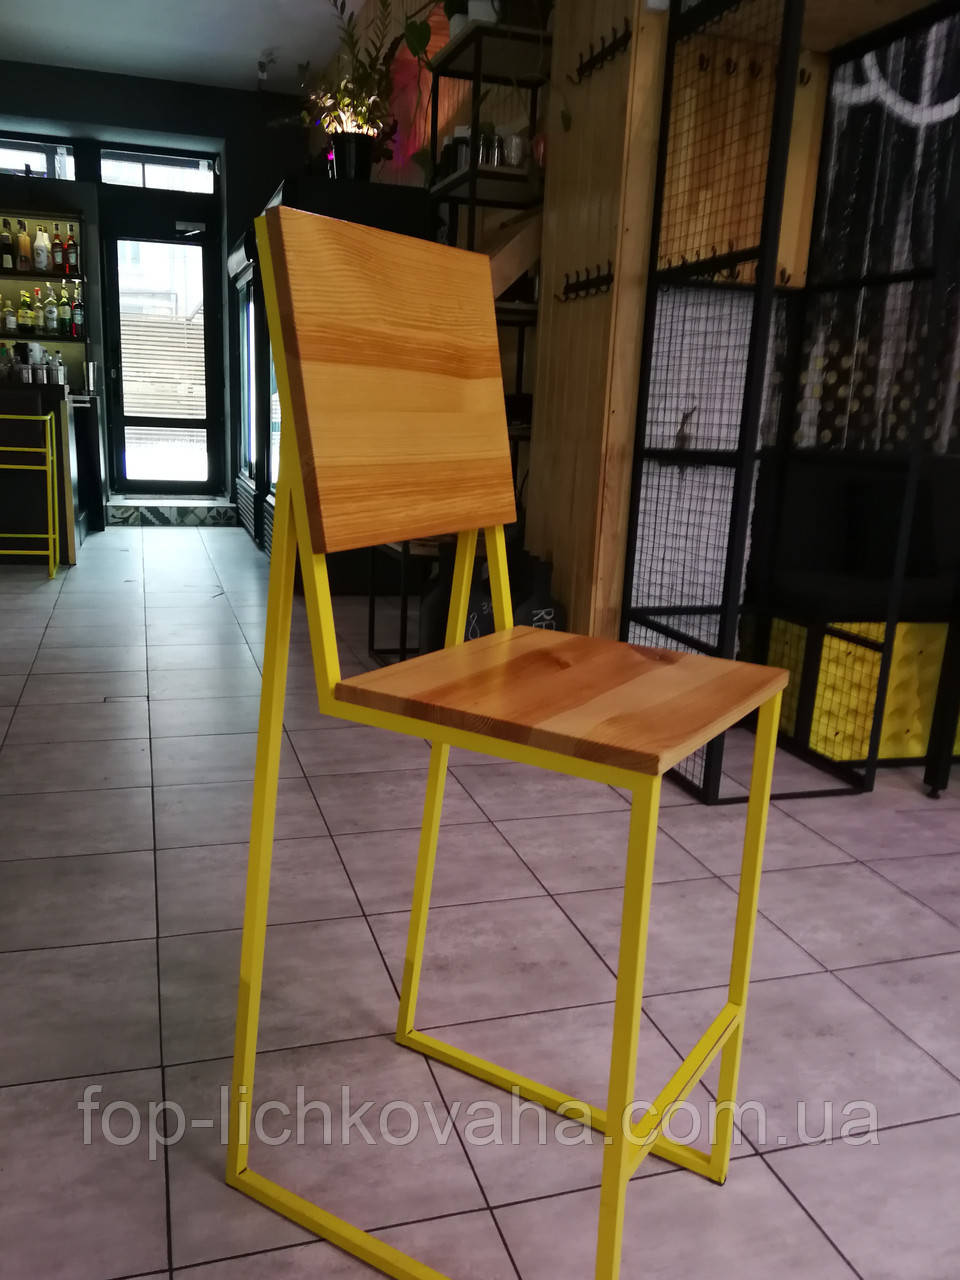 Барный стул - фото 2